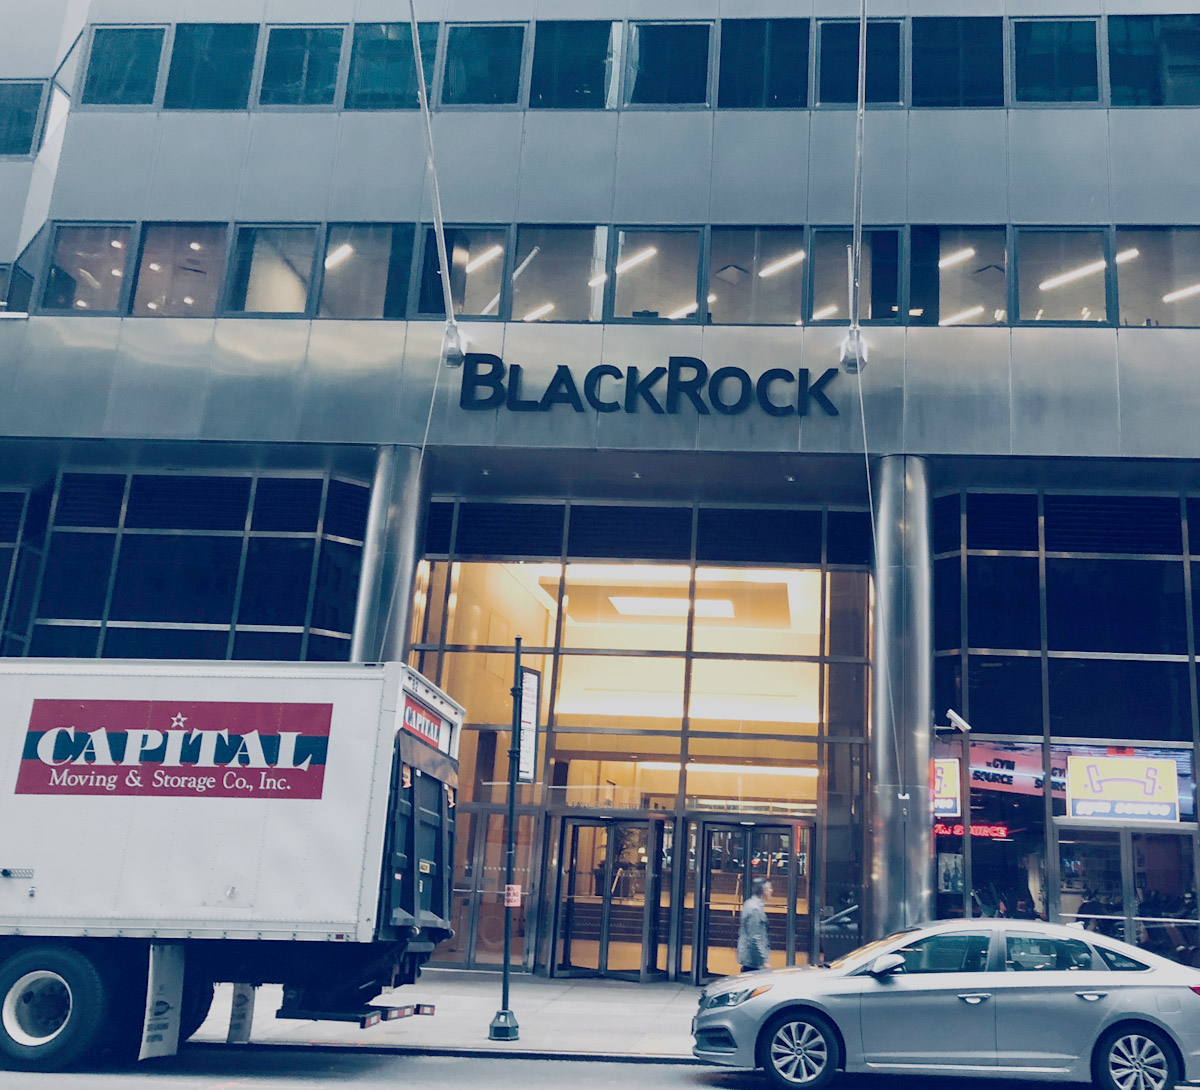 BlackRock office in Manhattan, NY